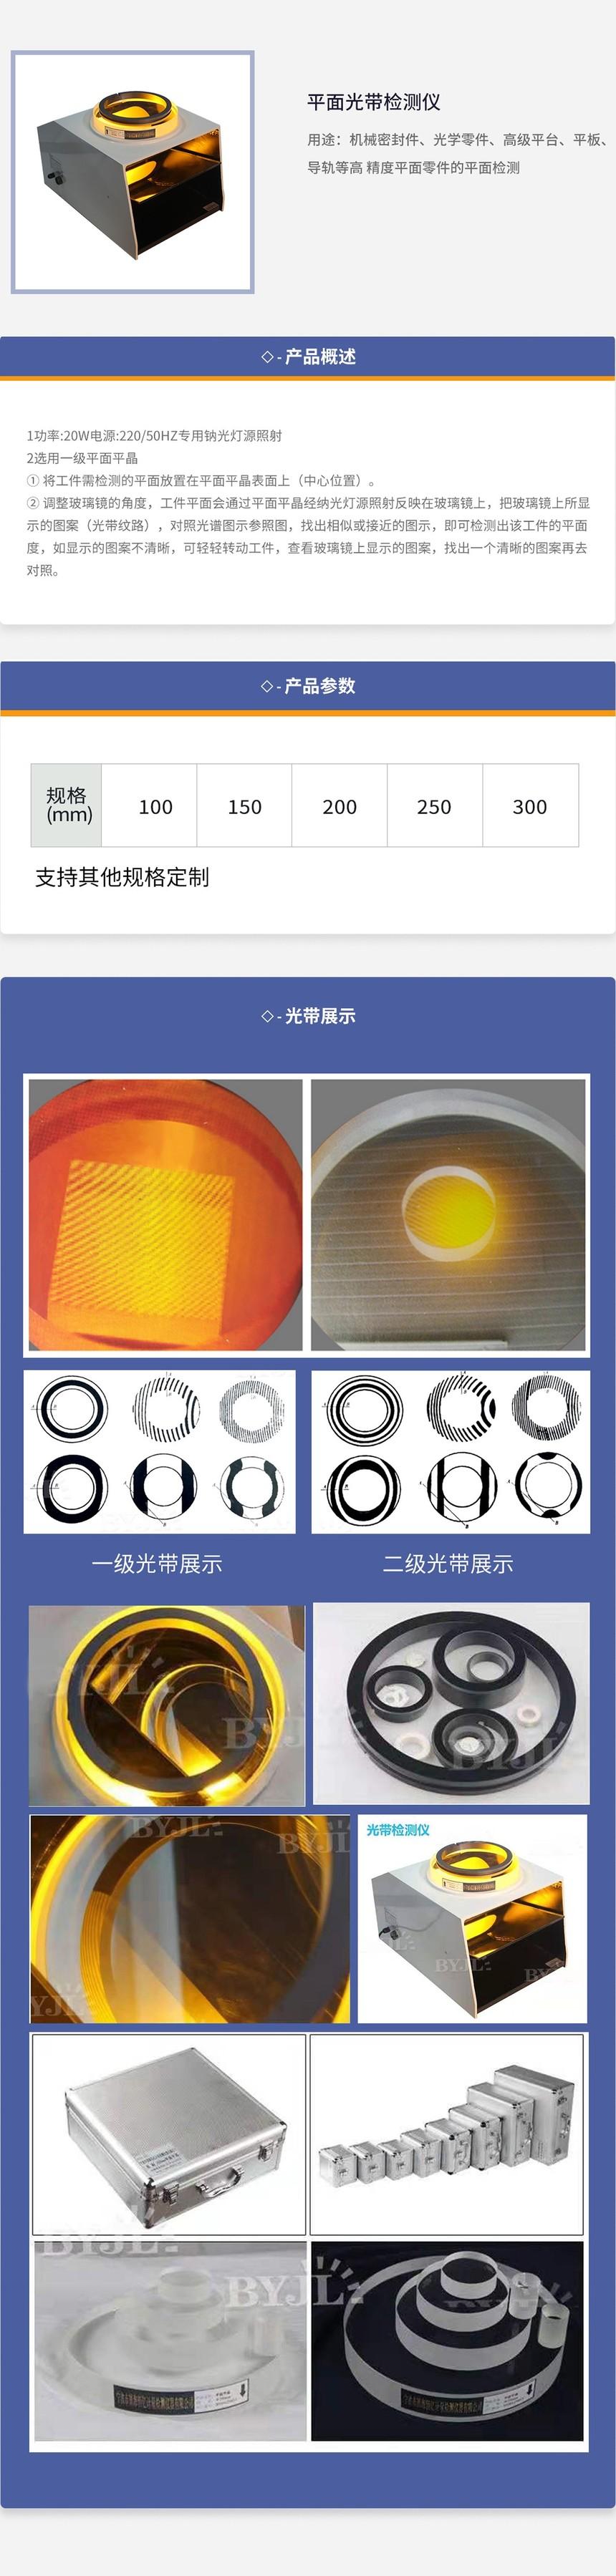 产品中心-平面光带检测仪_02.jpg